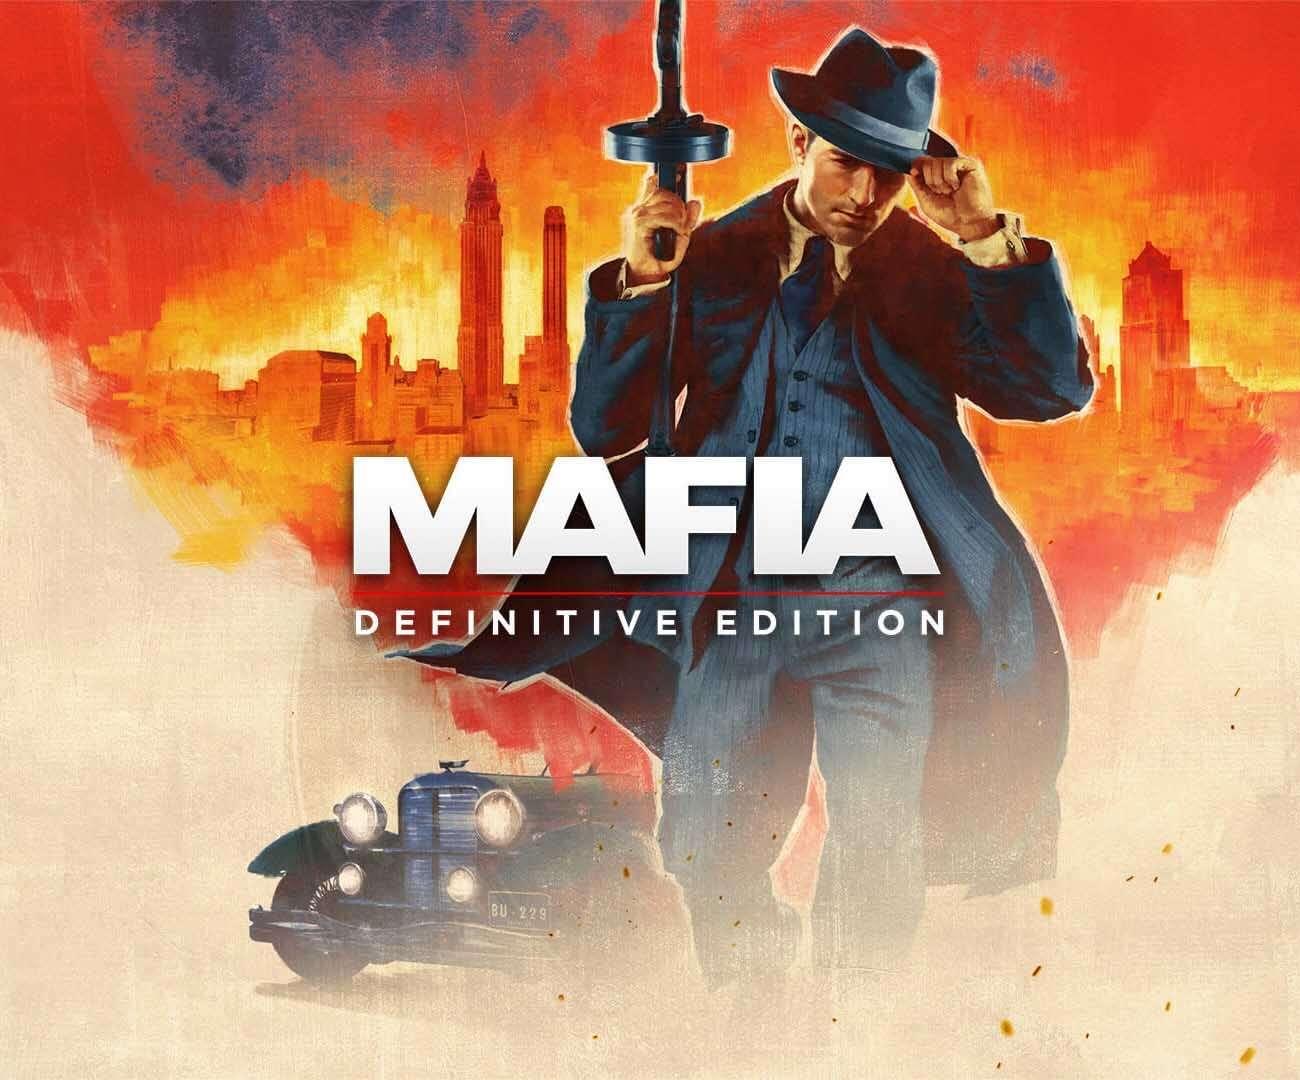 Recenzja Mafia Remake – Po prostu wspaniała